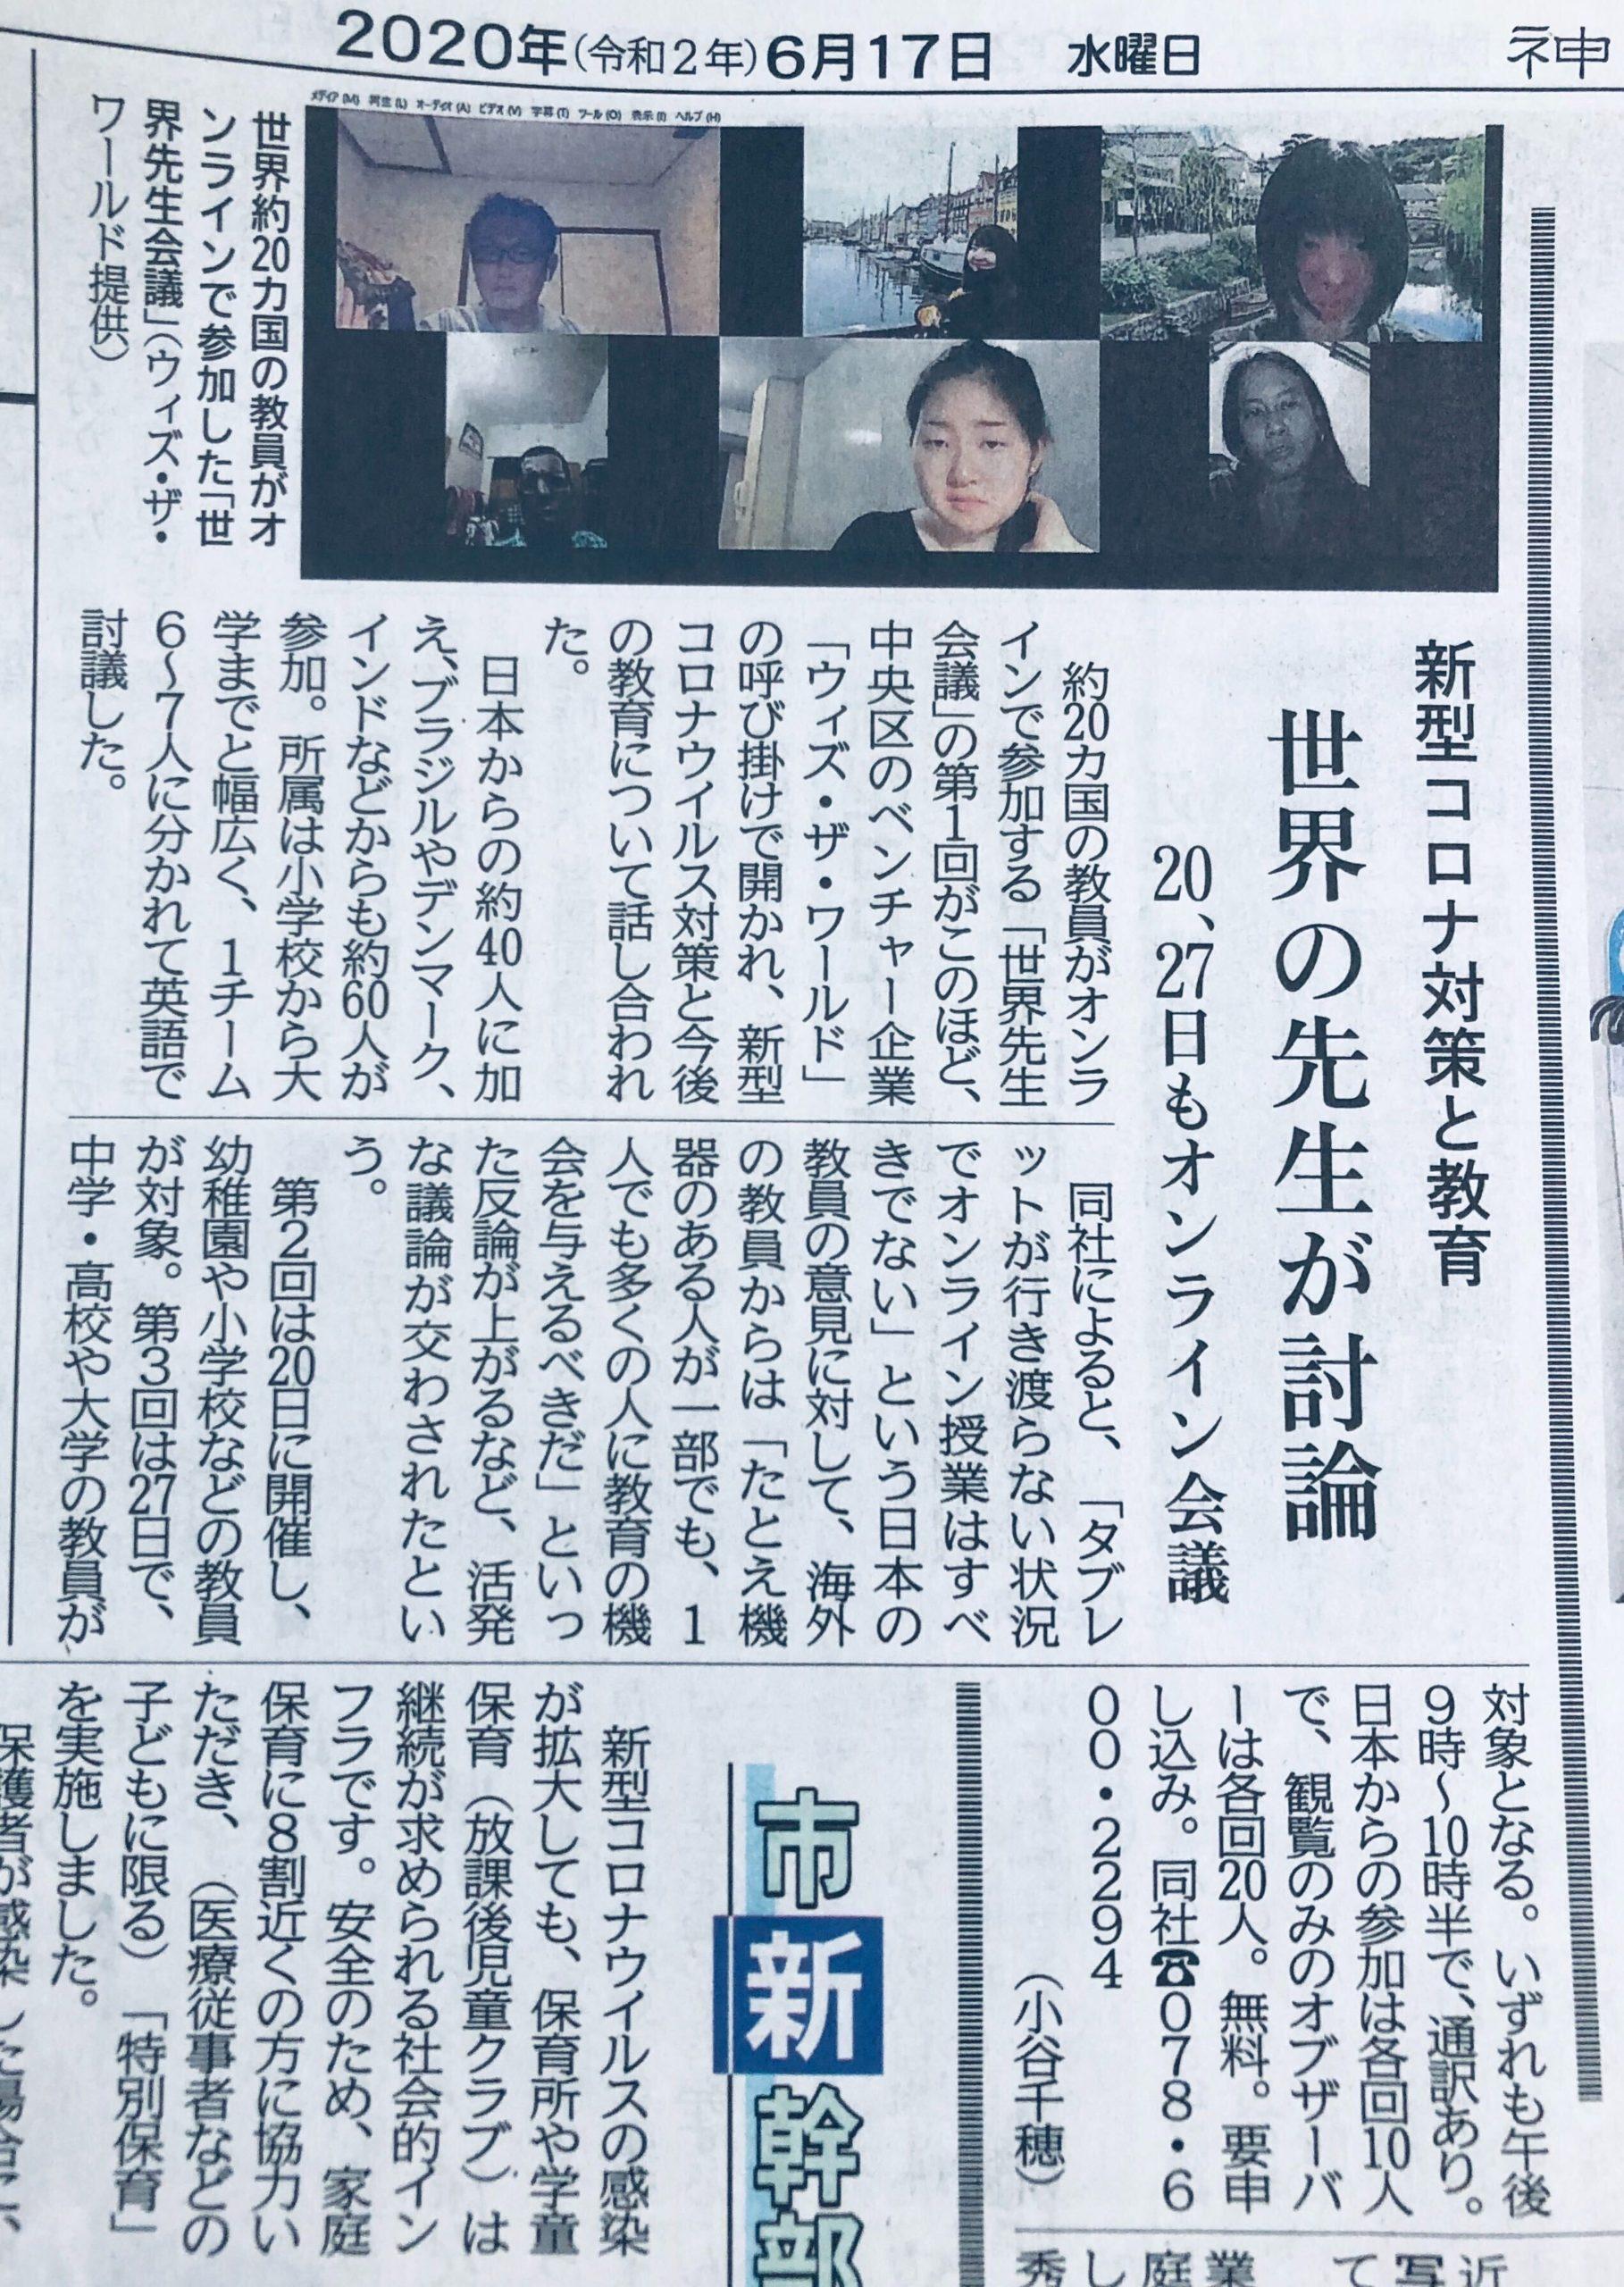 神戸新聞新型コロナ対策と教育 WithTheWorld